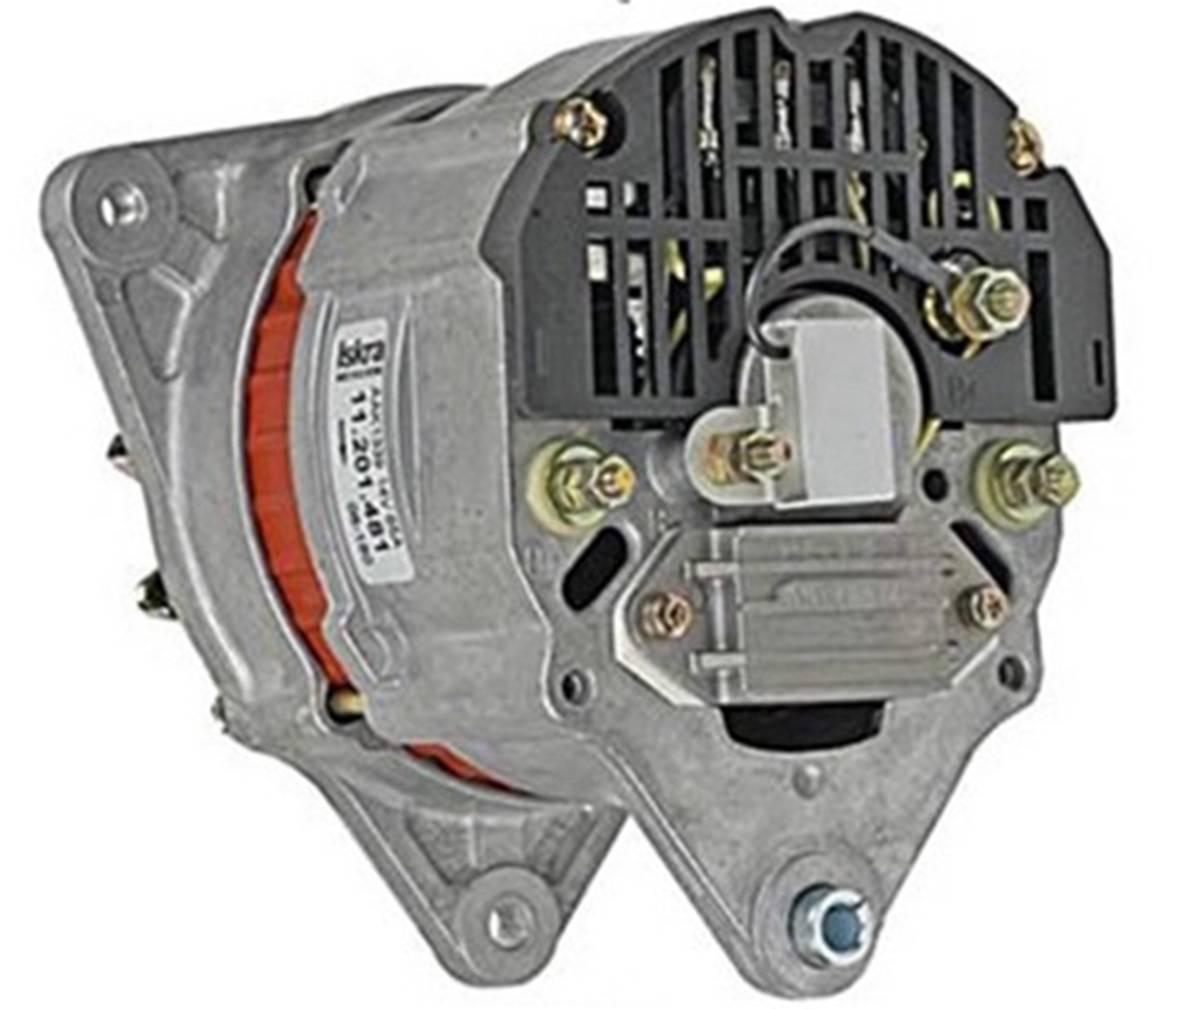 Cx 80 Alternator Wiring Diagrams Mccormick Tractor Diagram New Case Farm Cx100 Cx50 Cx60 Cx70 Cx80 3 Wire Gm